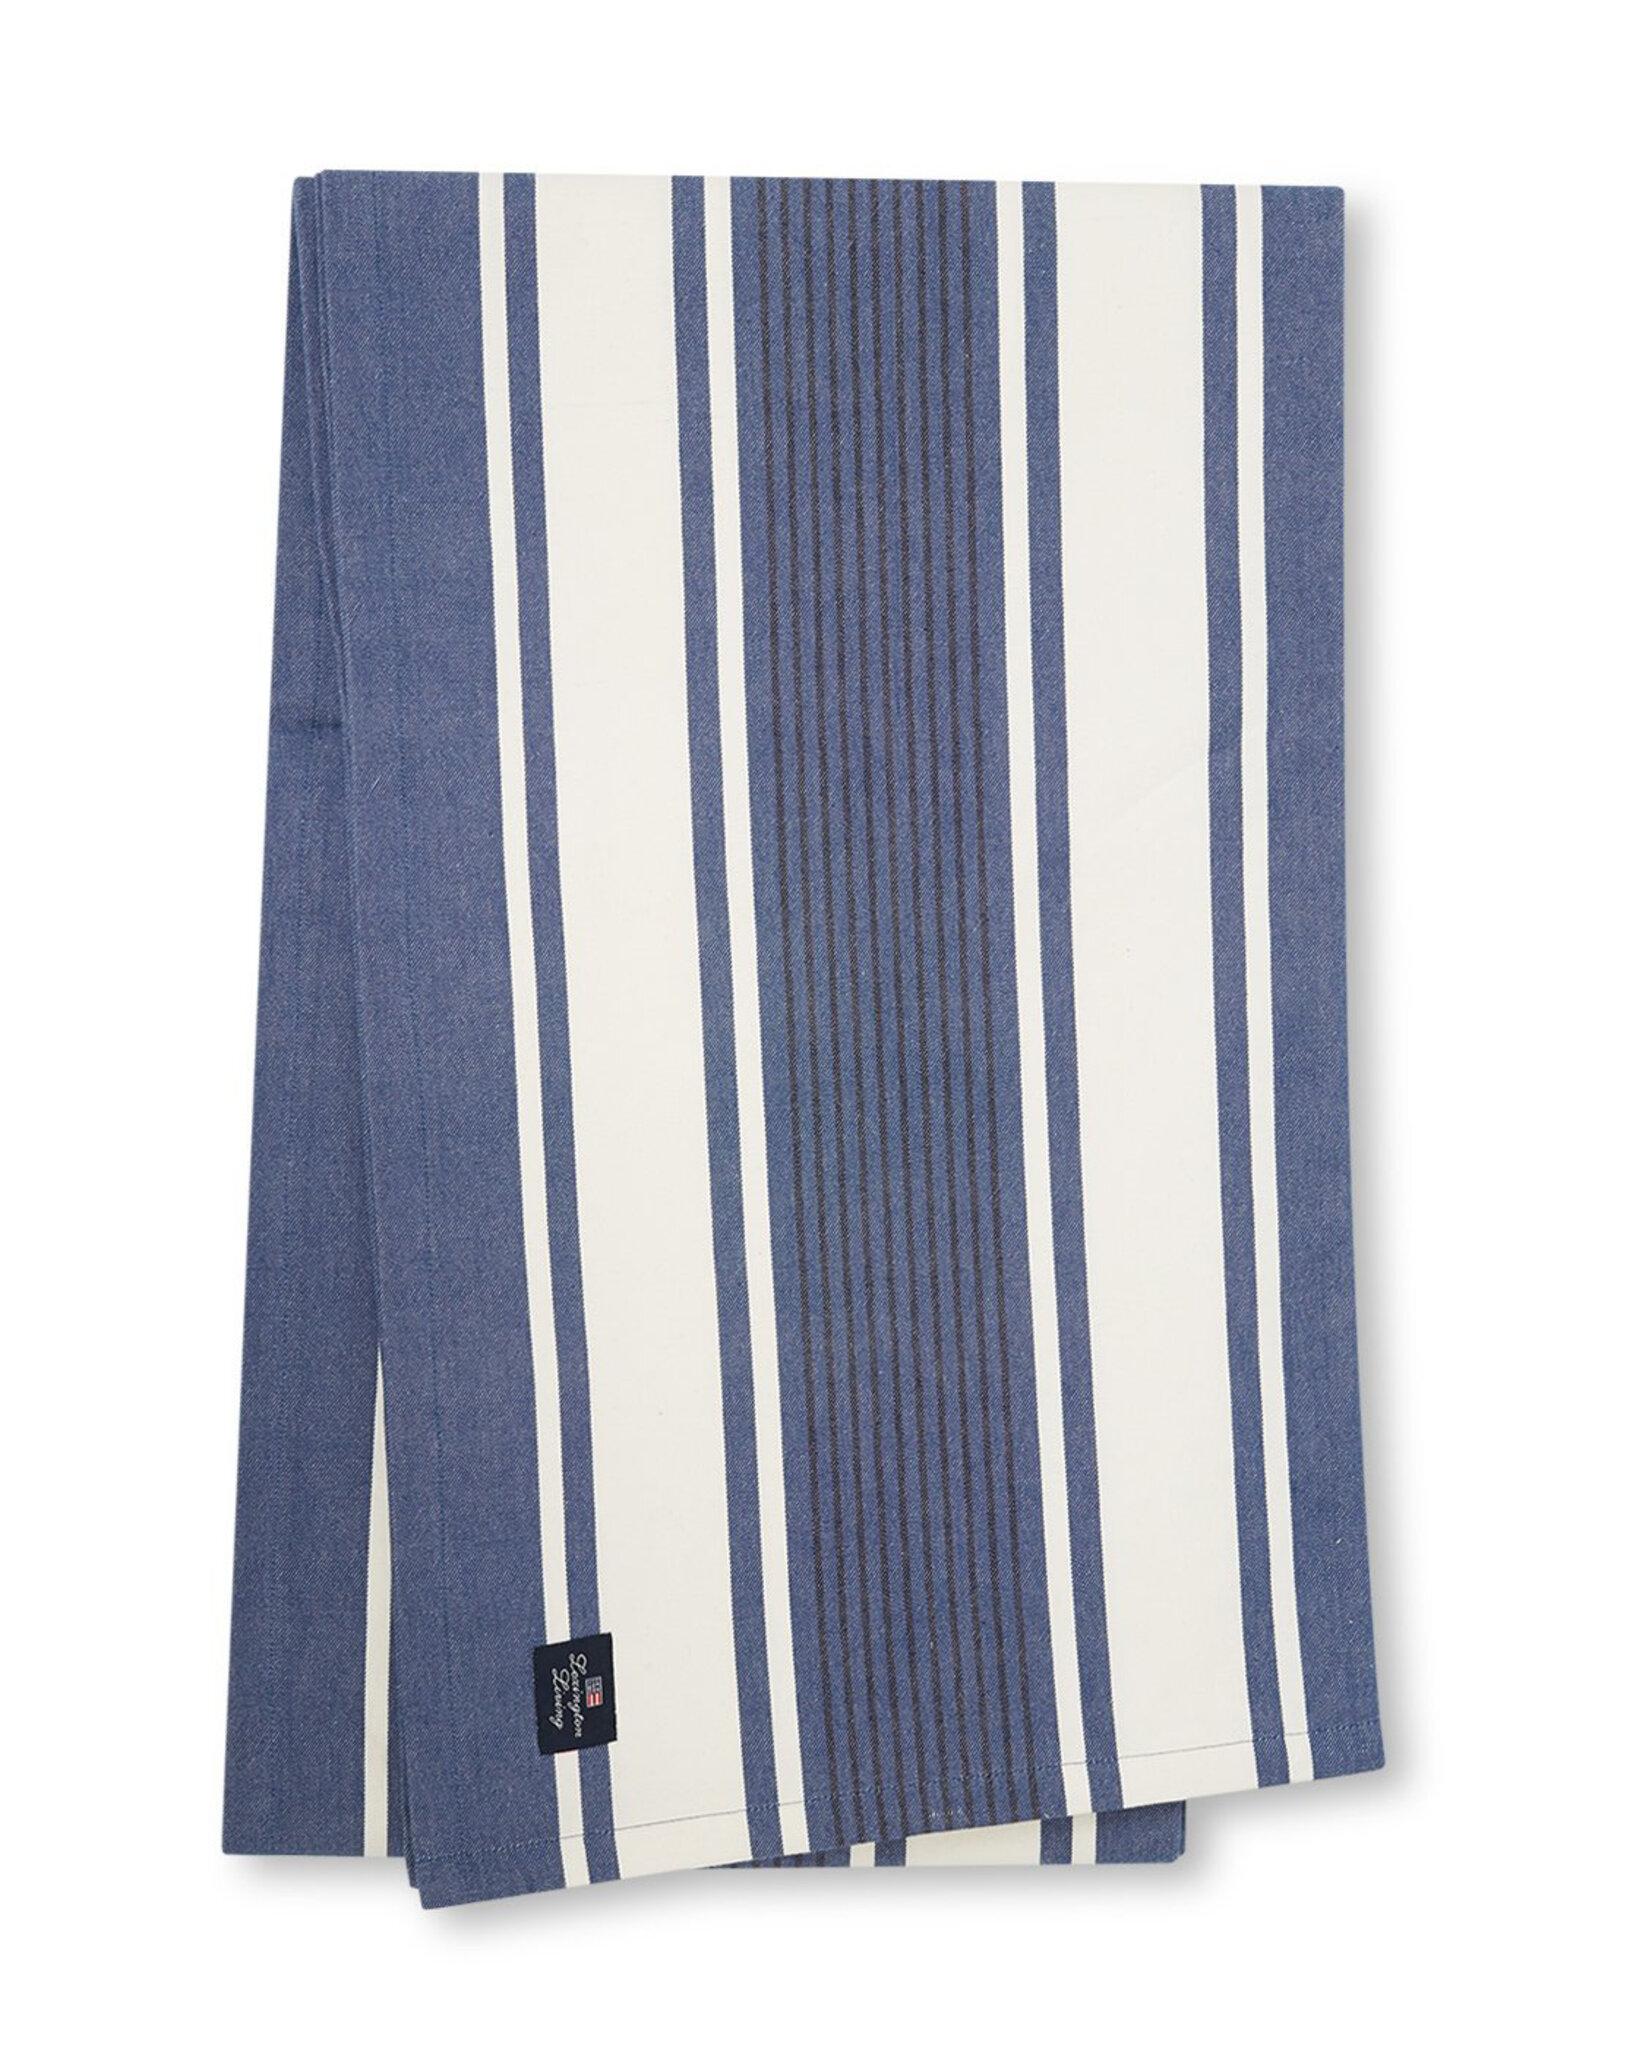 Bordsduk – Striped Cotton Twill 250 cm